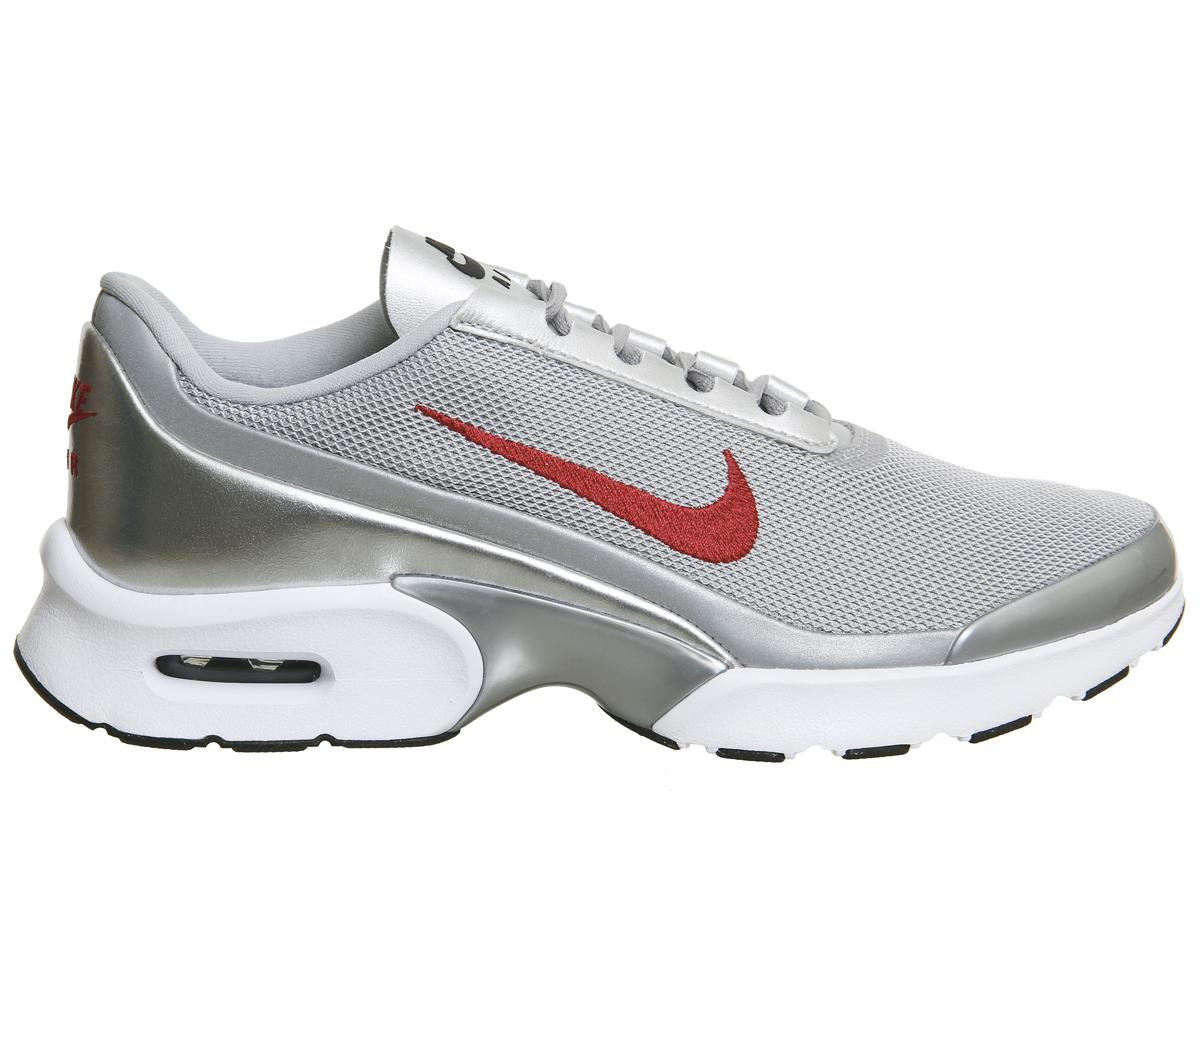 Nike Air Max Jewell  Metallic Silver Varsity Red 2017 / Damen Sneaker (Gr. 37-40) bei Office London für 60€ statt 108€ / Kreditkarte erforderlich !